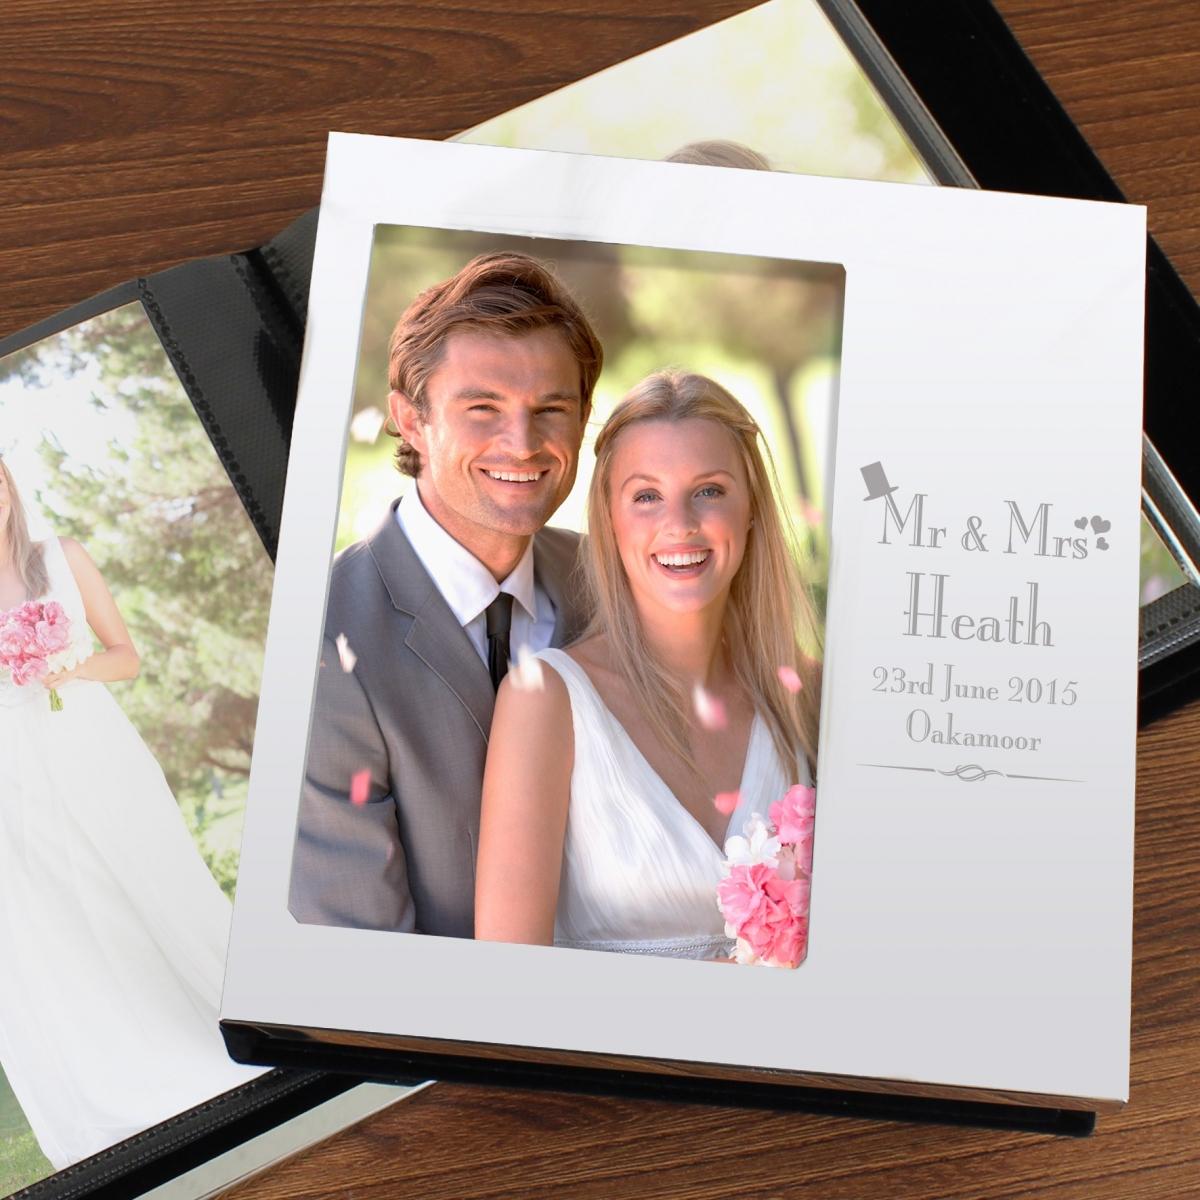 Personalised Decorative Wedding Photo Frame Album 4x6